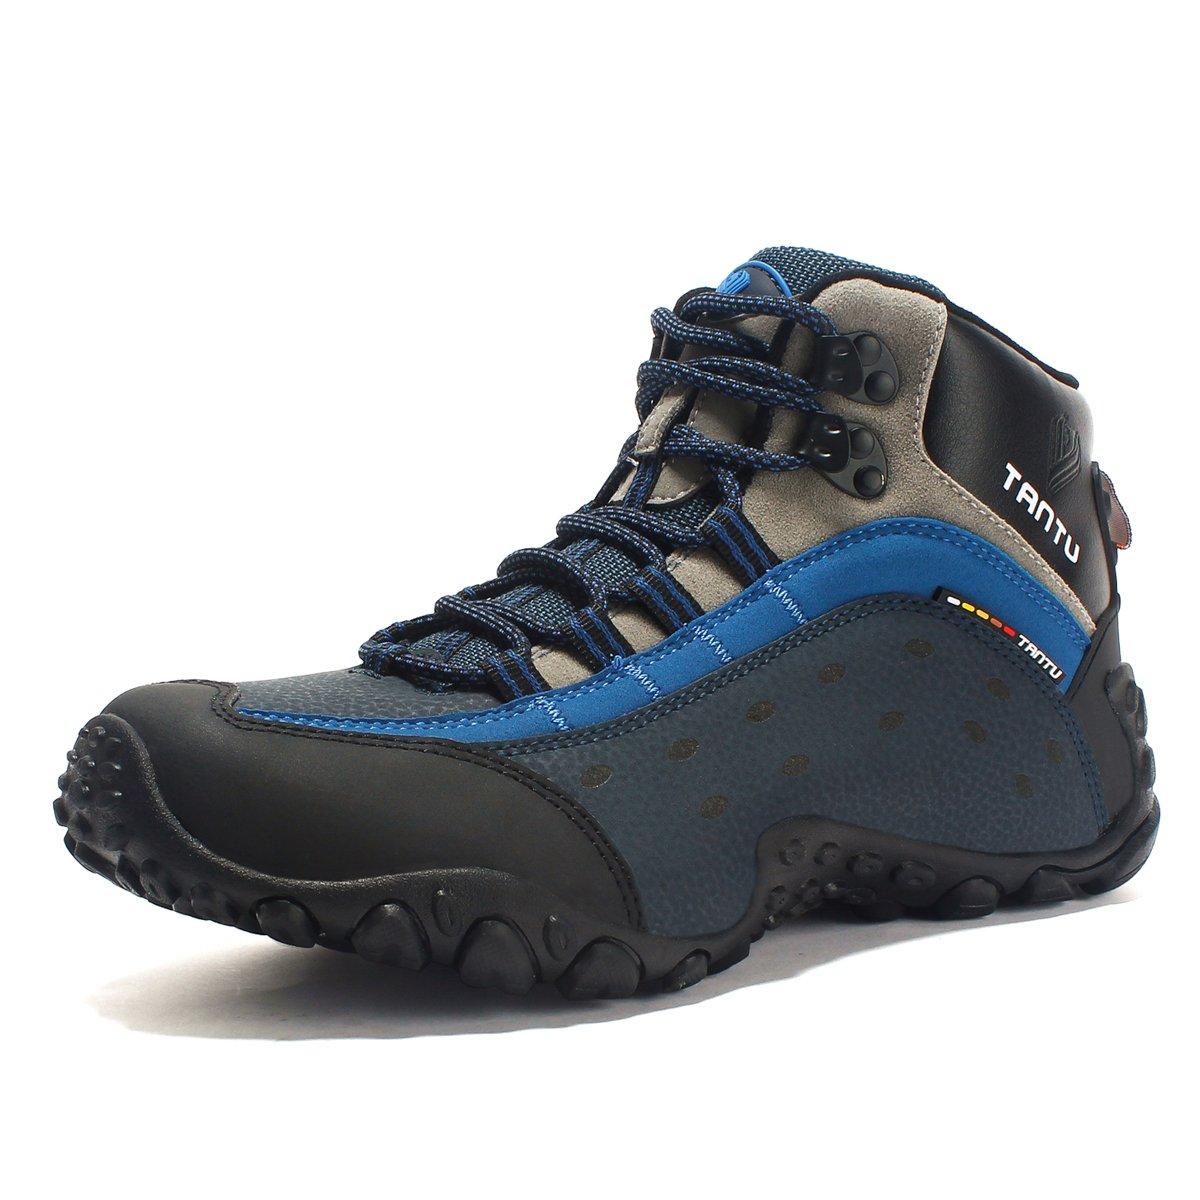 Herren Wanderschuhe Stiefel Männer Sportschuhe Outdoor Trekking Schuhe High Wanderstiefel Hike Outdoorschuhe Wanderhalbschuhe